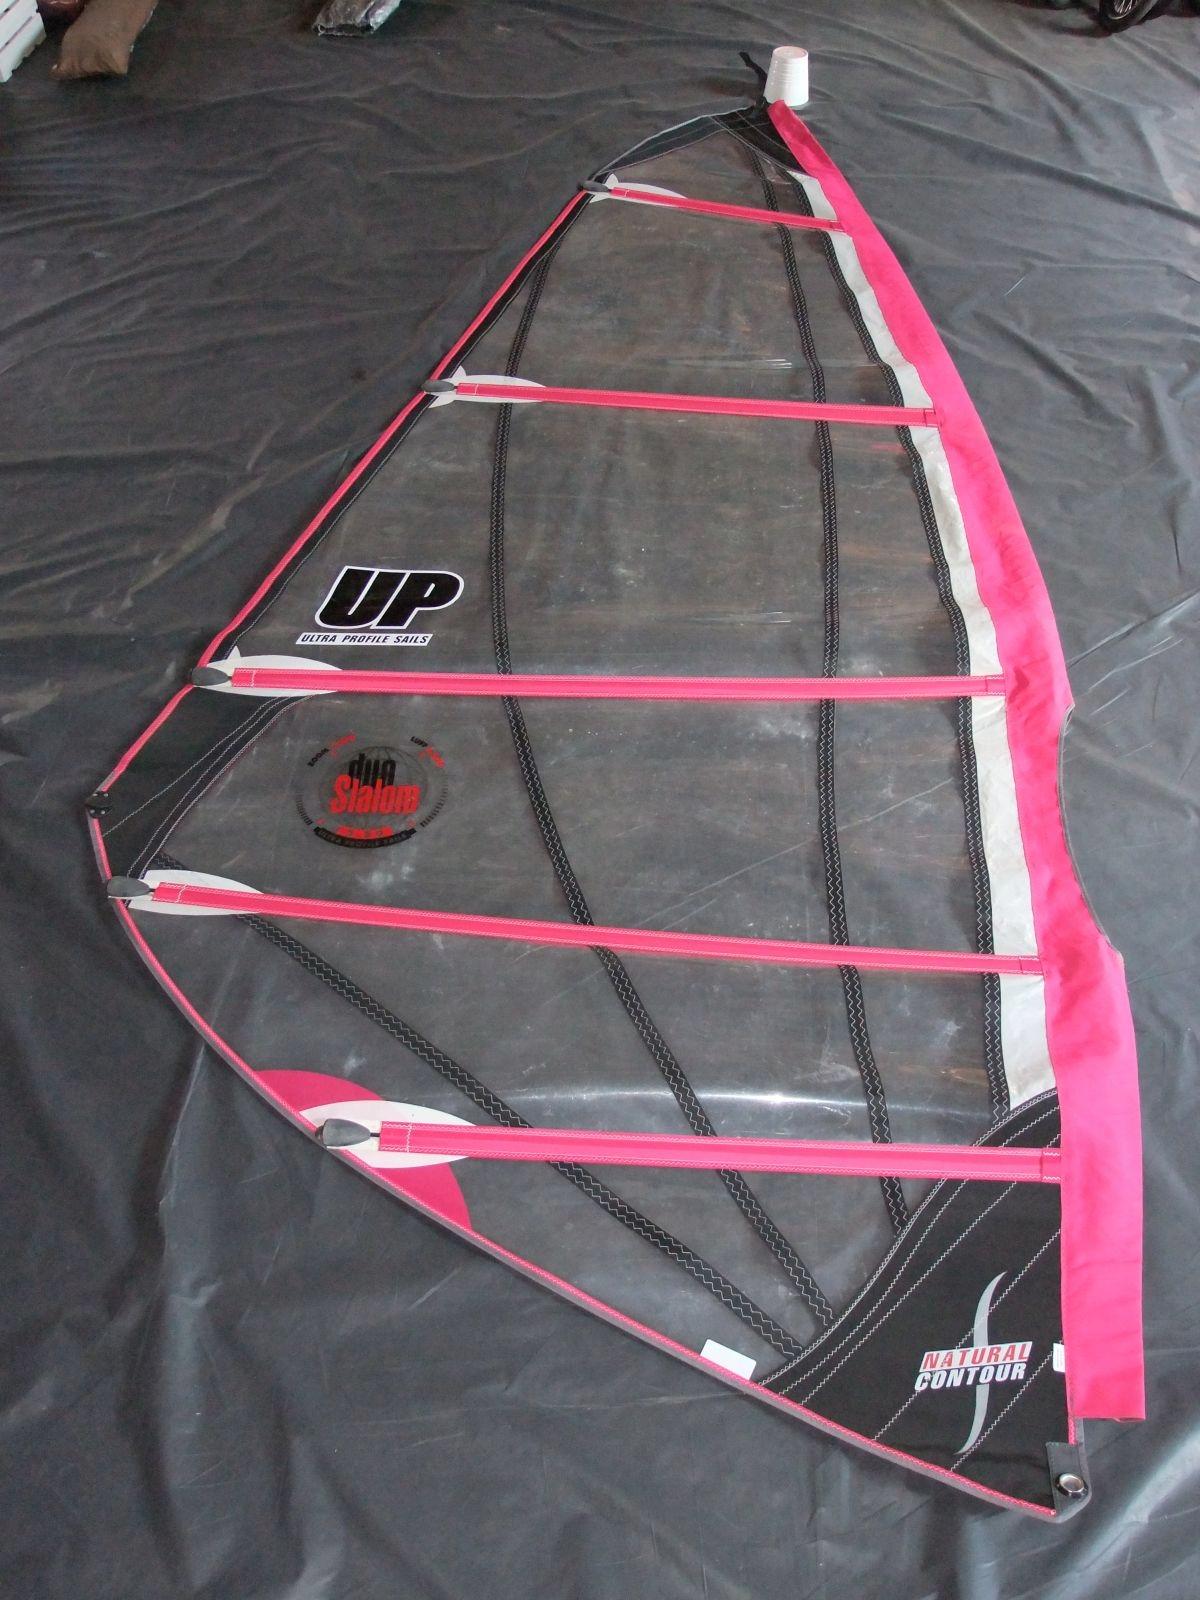 Żagiel do windsurfingu DUO SLALOM.-pow.5,5 m